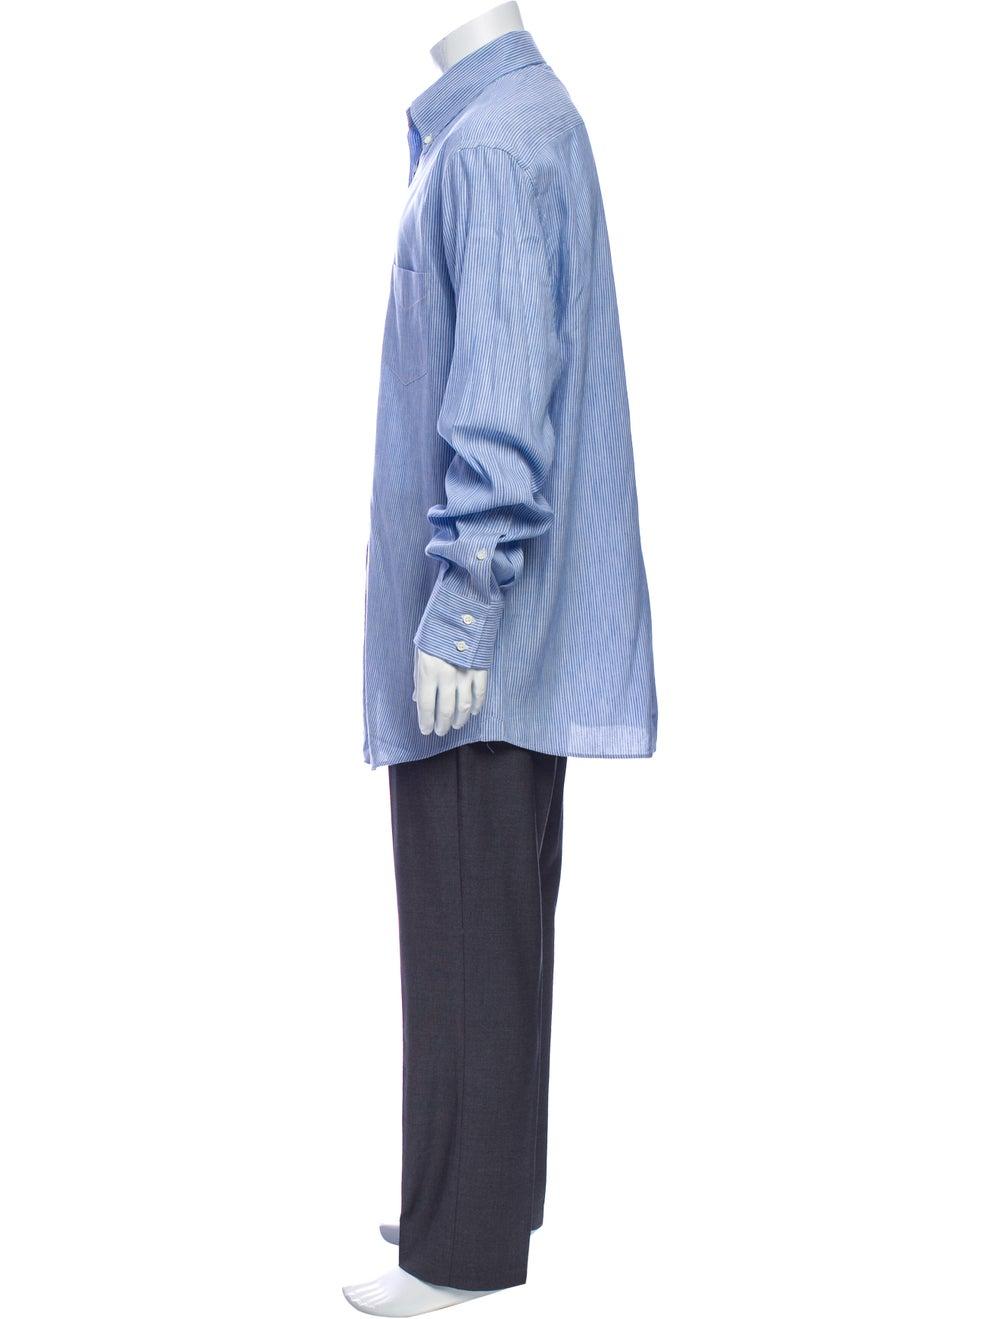 Brunello Cucinelli Linen Striped Dress Shirt Blue - image 2